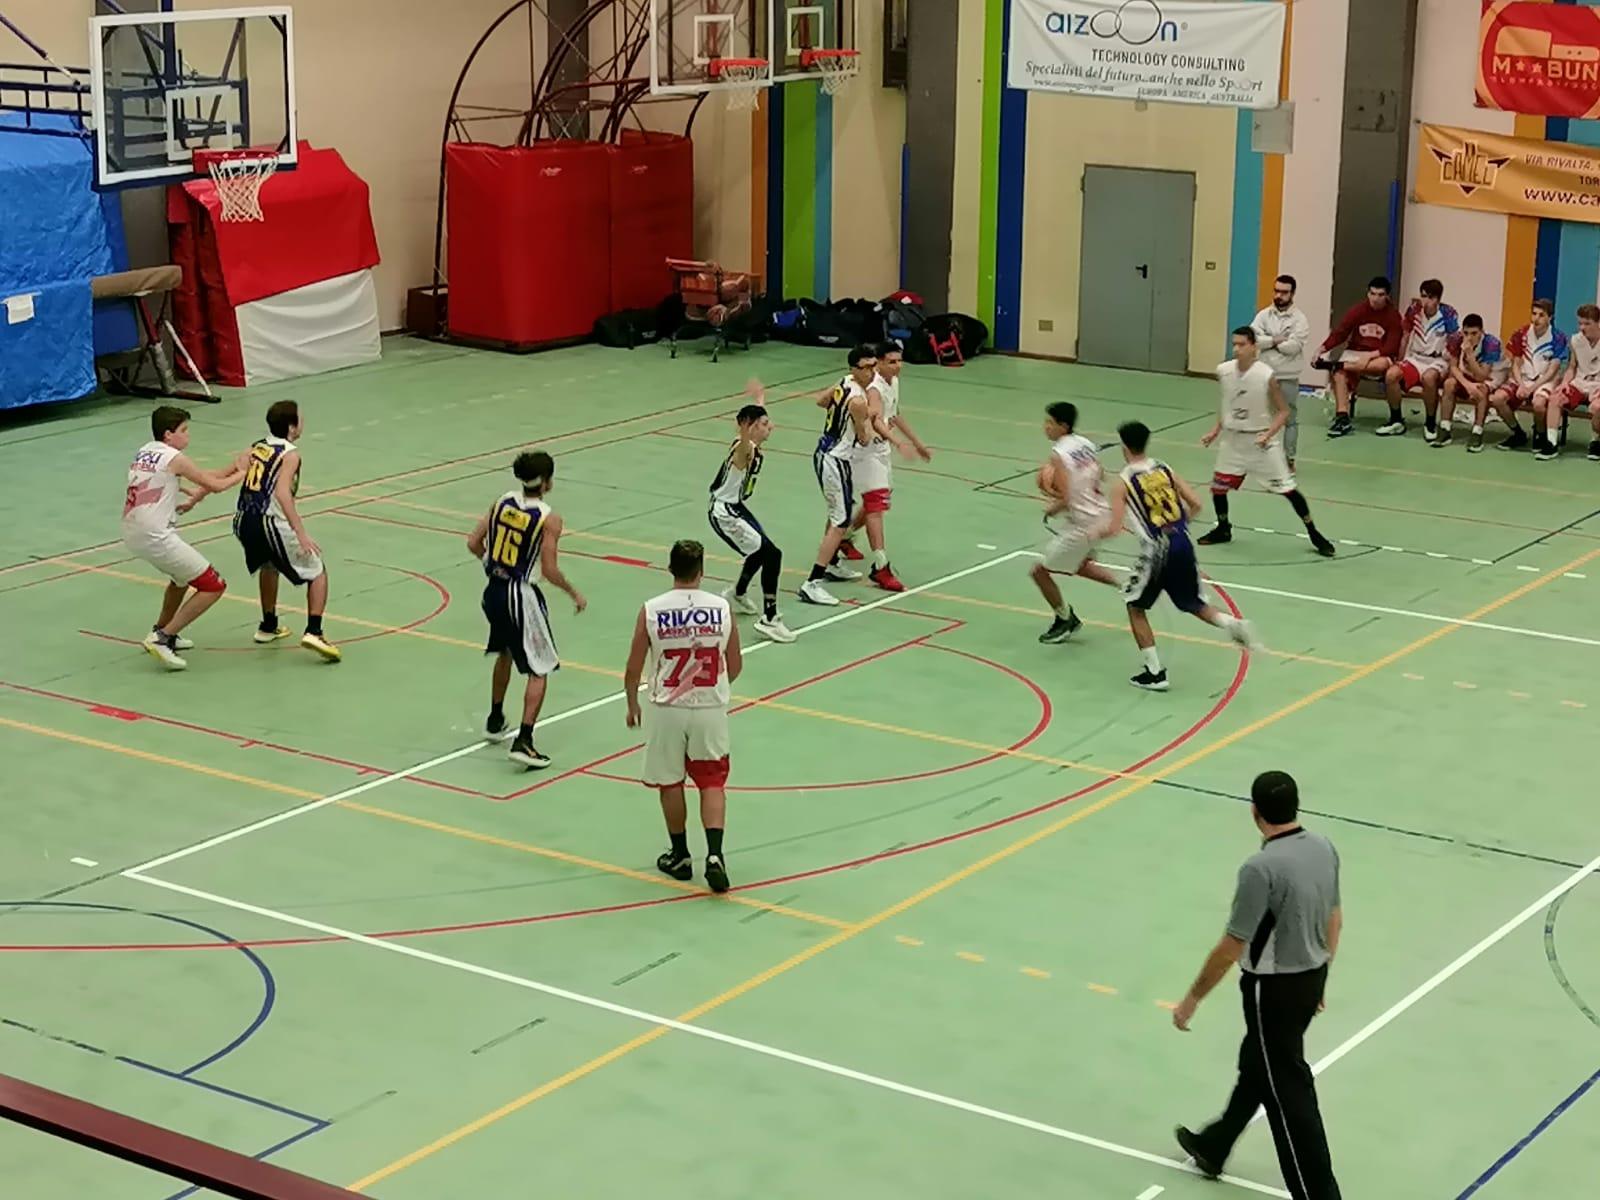 """U18 silver: pur non andando a """"Millemiglia"""" B86 Orbassano vince con Don Bosco Rivoli"""